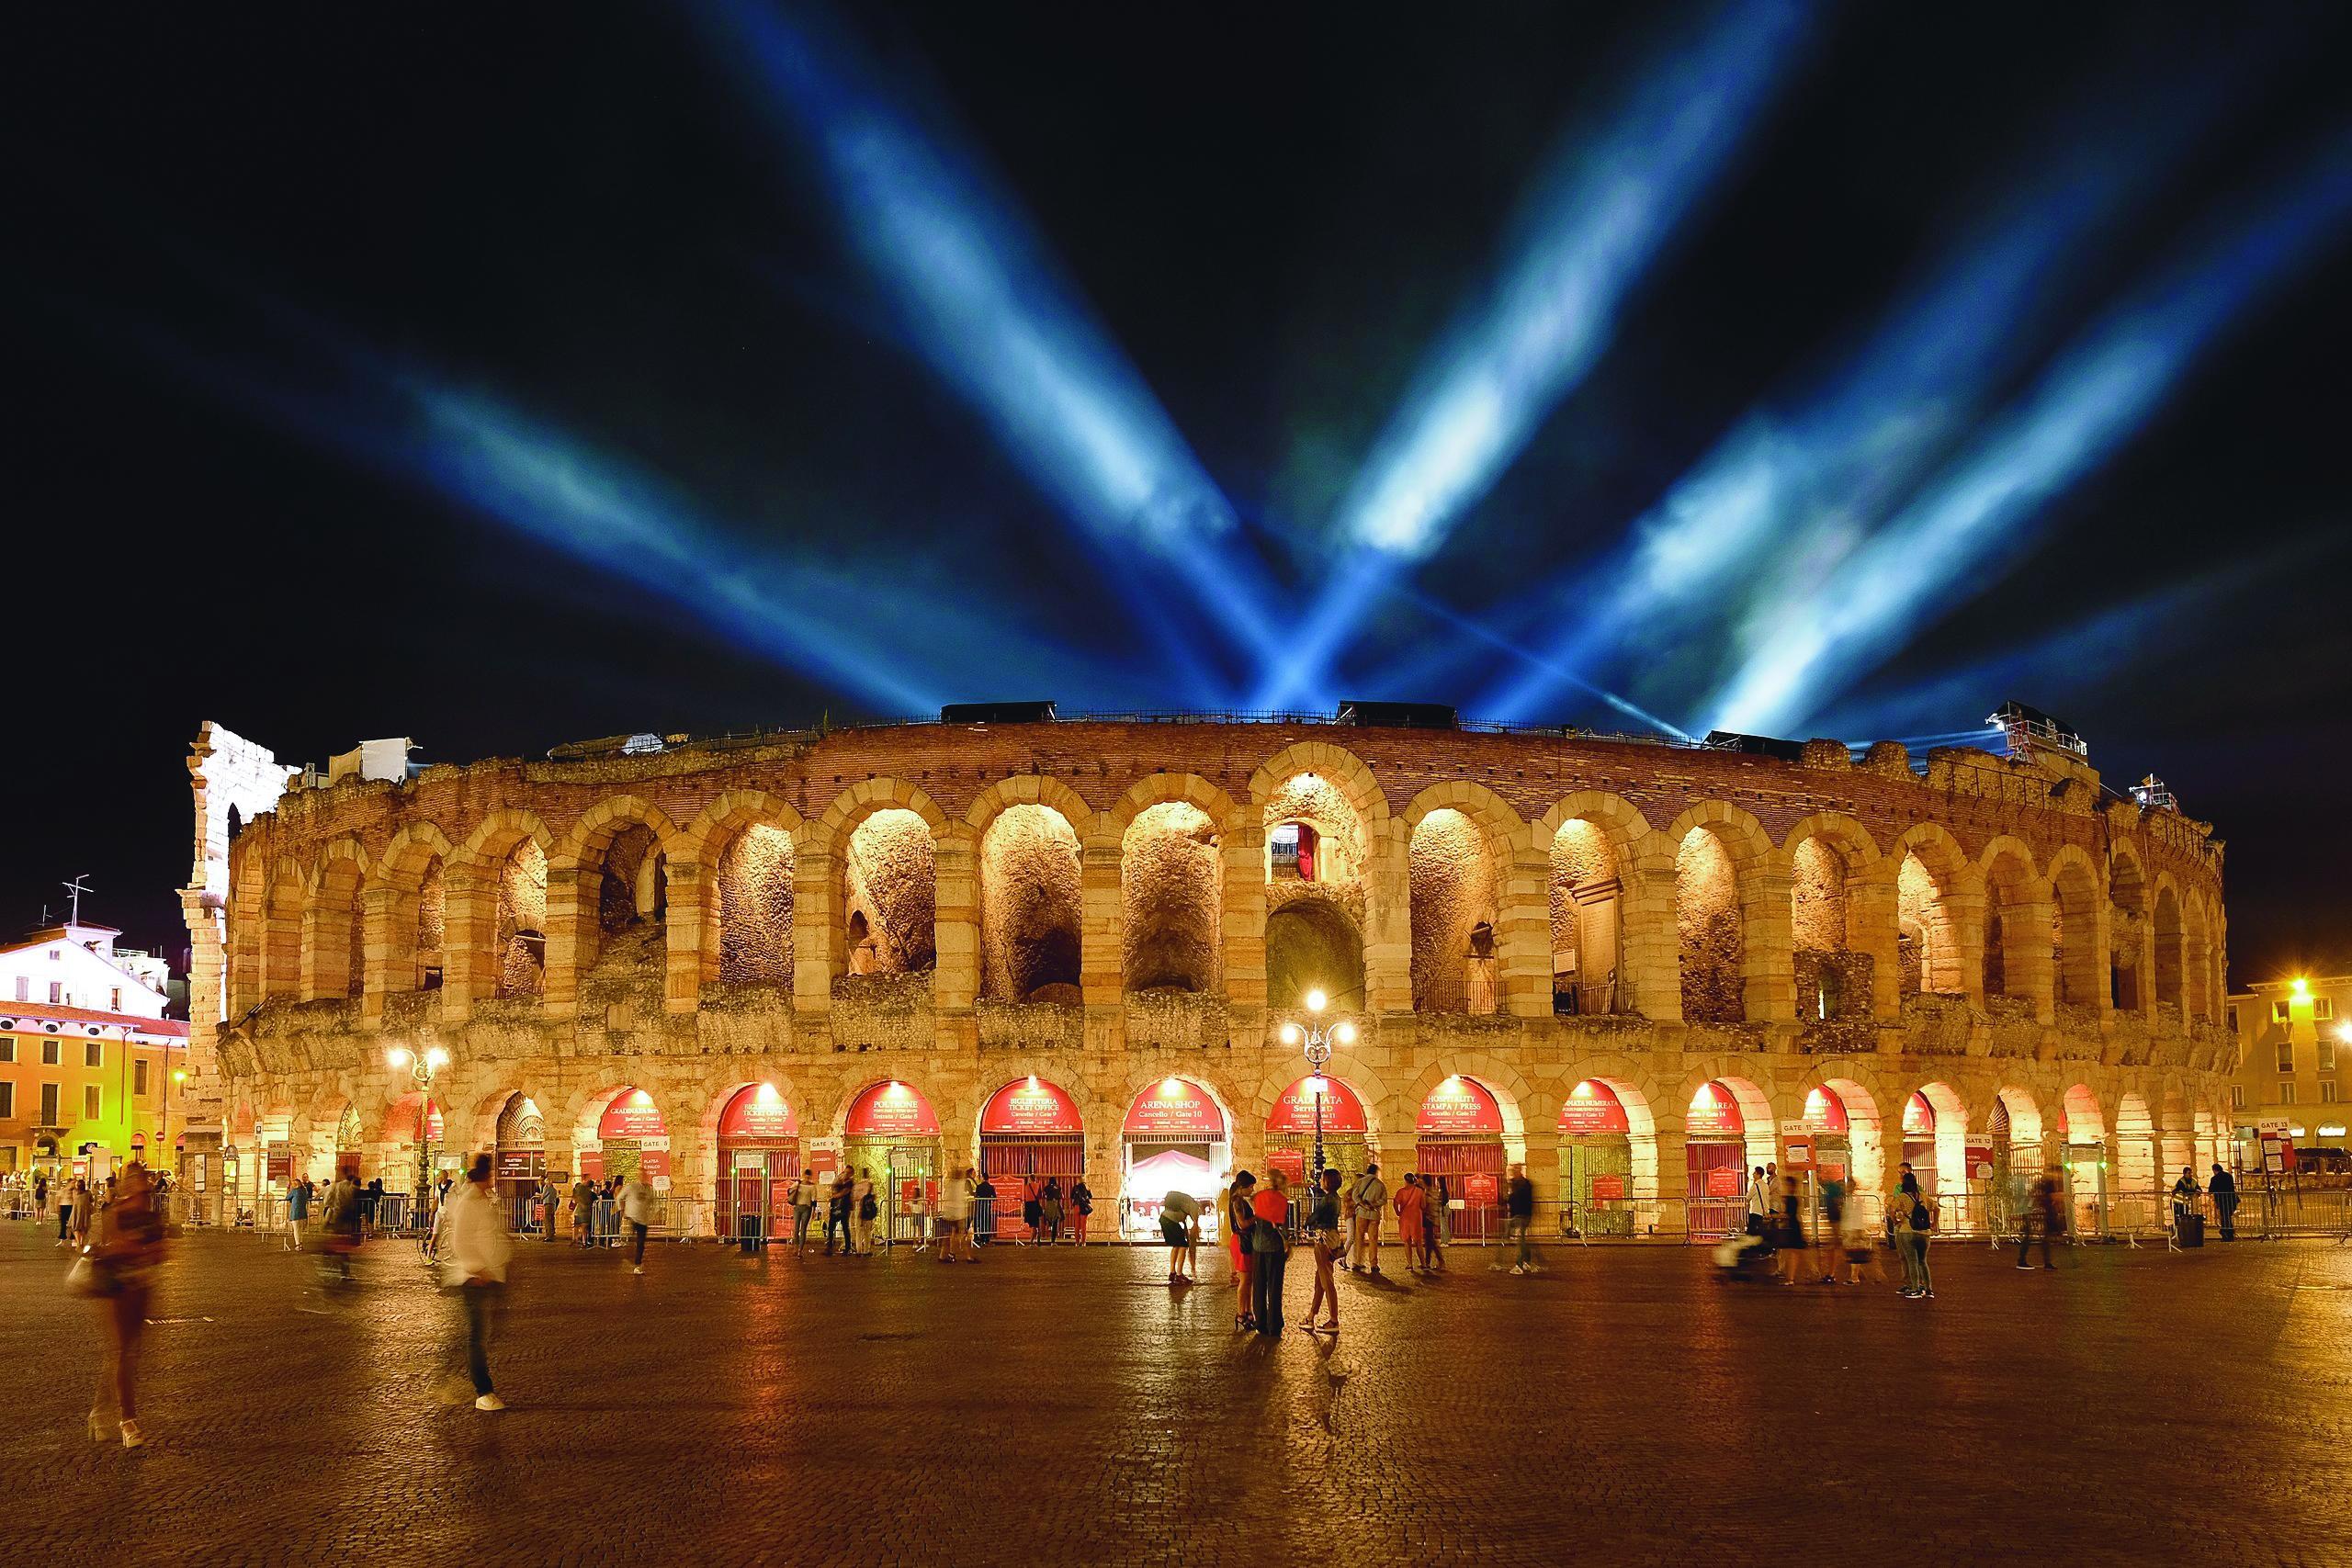 Lichter aus in der Arena zur Förderung des Umweltbewusstseins